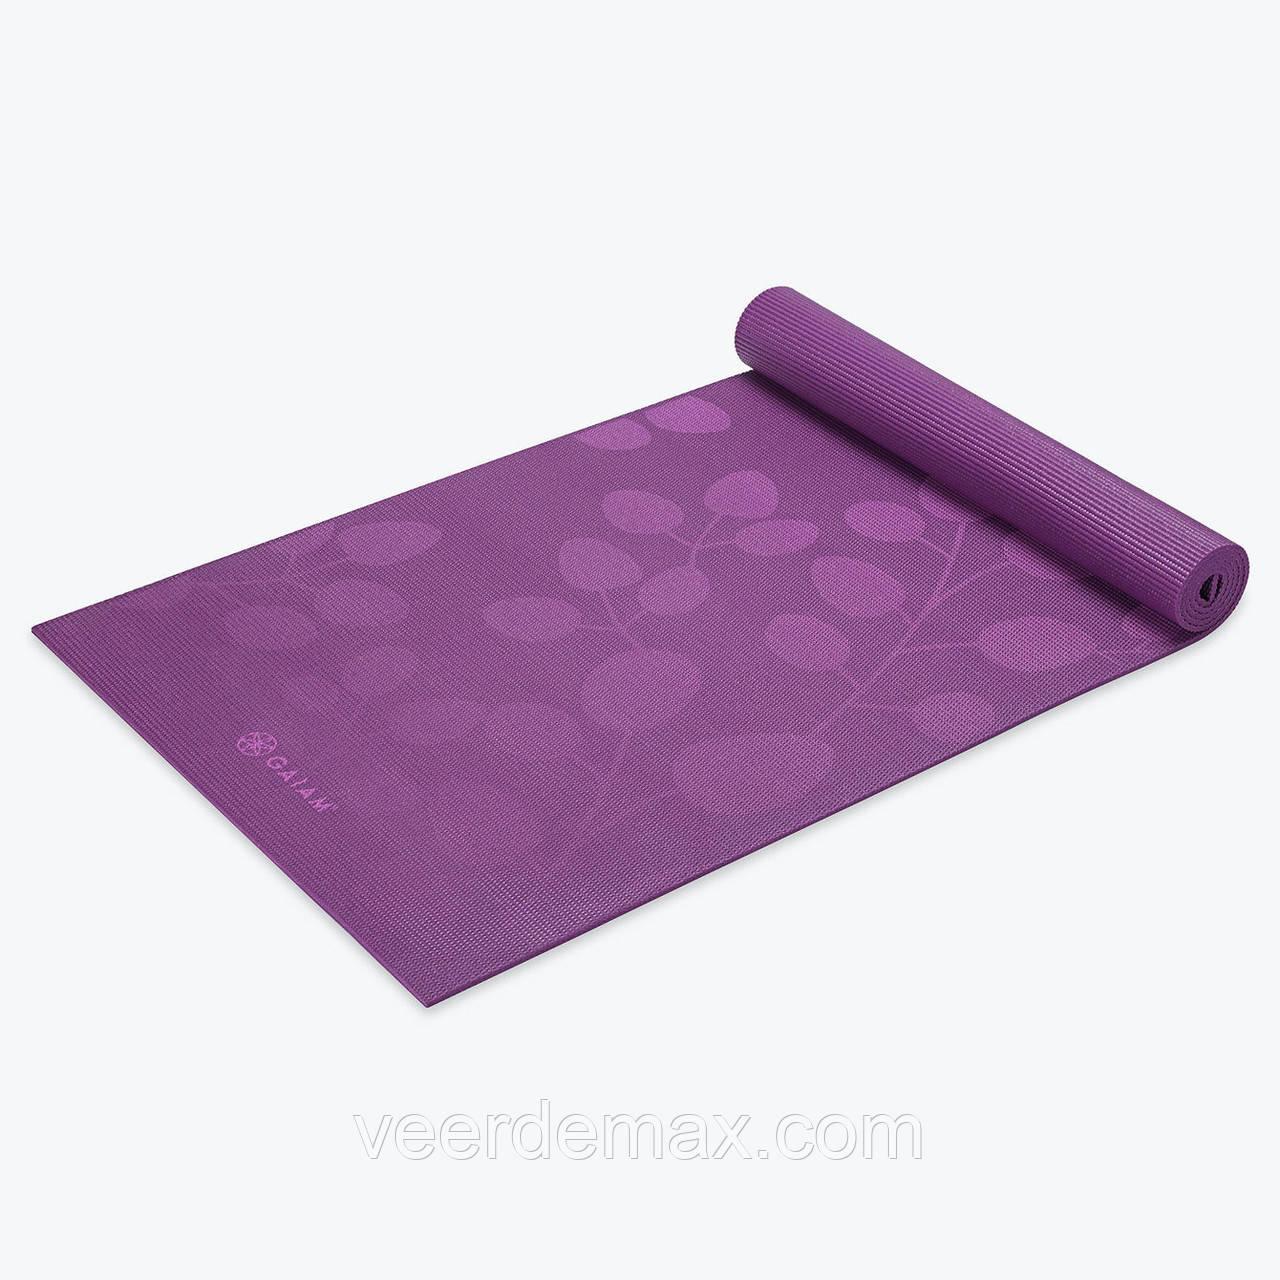 Коврик для йоги PREMIUM VIOLET SPRING YOGA MAT (5мм) американской фирмы Gaiam